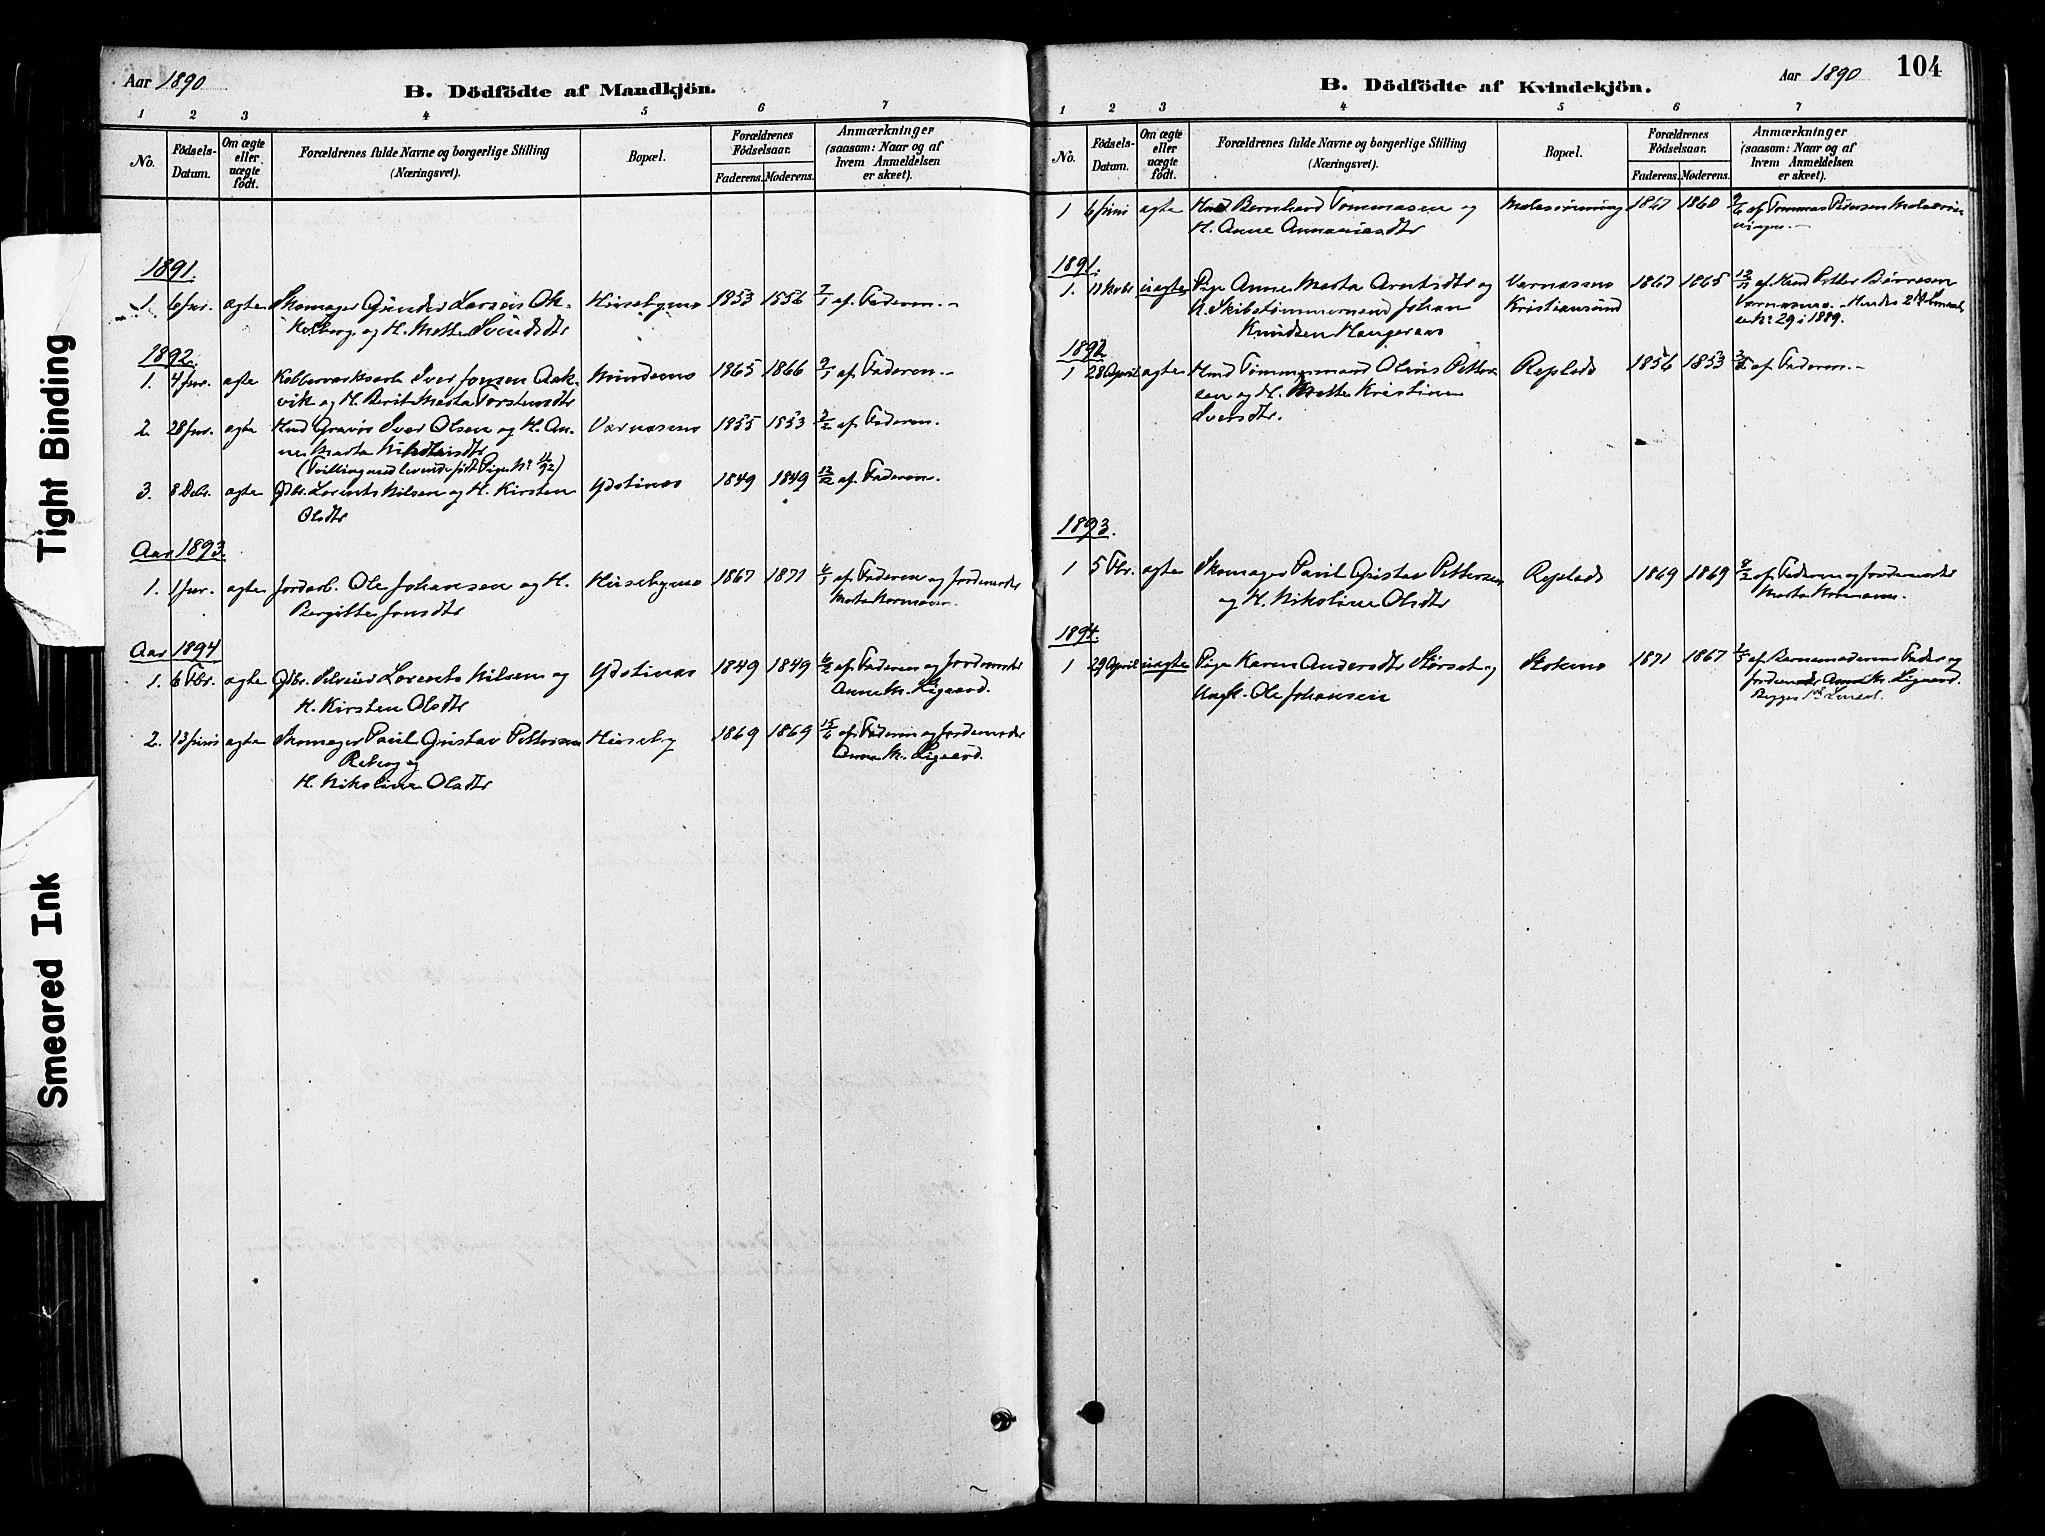 SAT, Ministerialprotokoller, klokkerbøker og fødselsregistre - Nord-Trøndelag, 709/L0077: Ministerialbok nr. 709A17, 1880-1895, s. 104